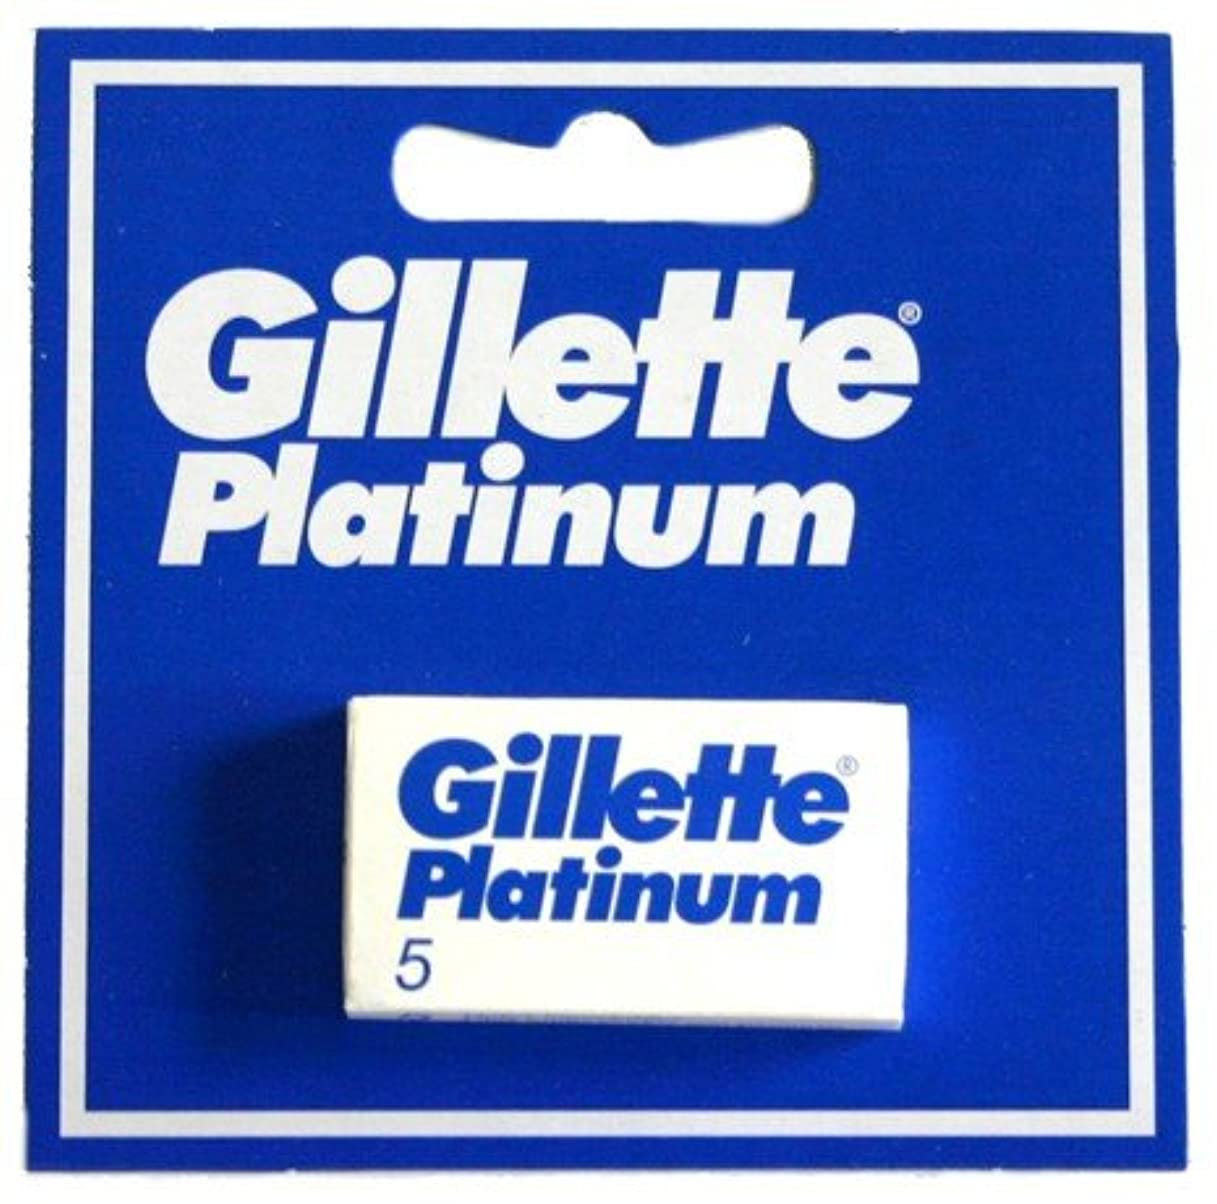 弱点薄いです光Gillette Platinum [プレミアムホワイトボックス版!] ジレット プラチナ 両刃替刃 50個入り (5*10) [海外直送品] [並行輸入品]